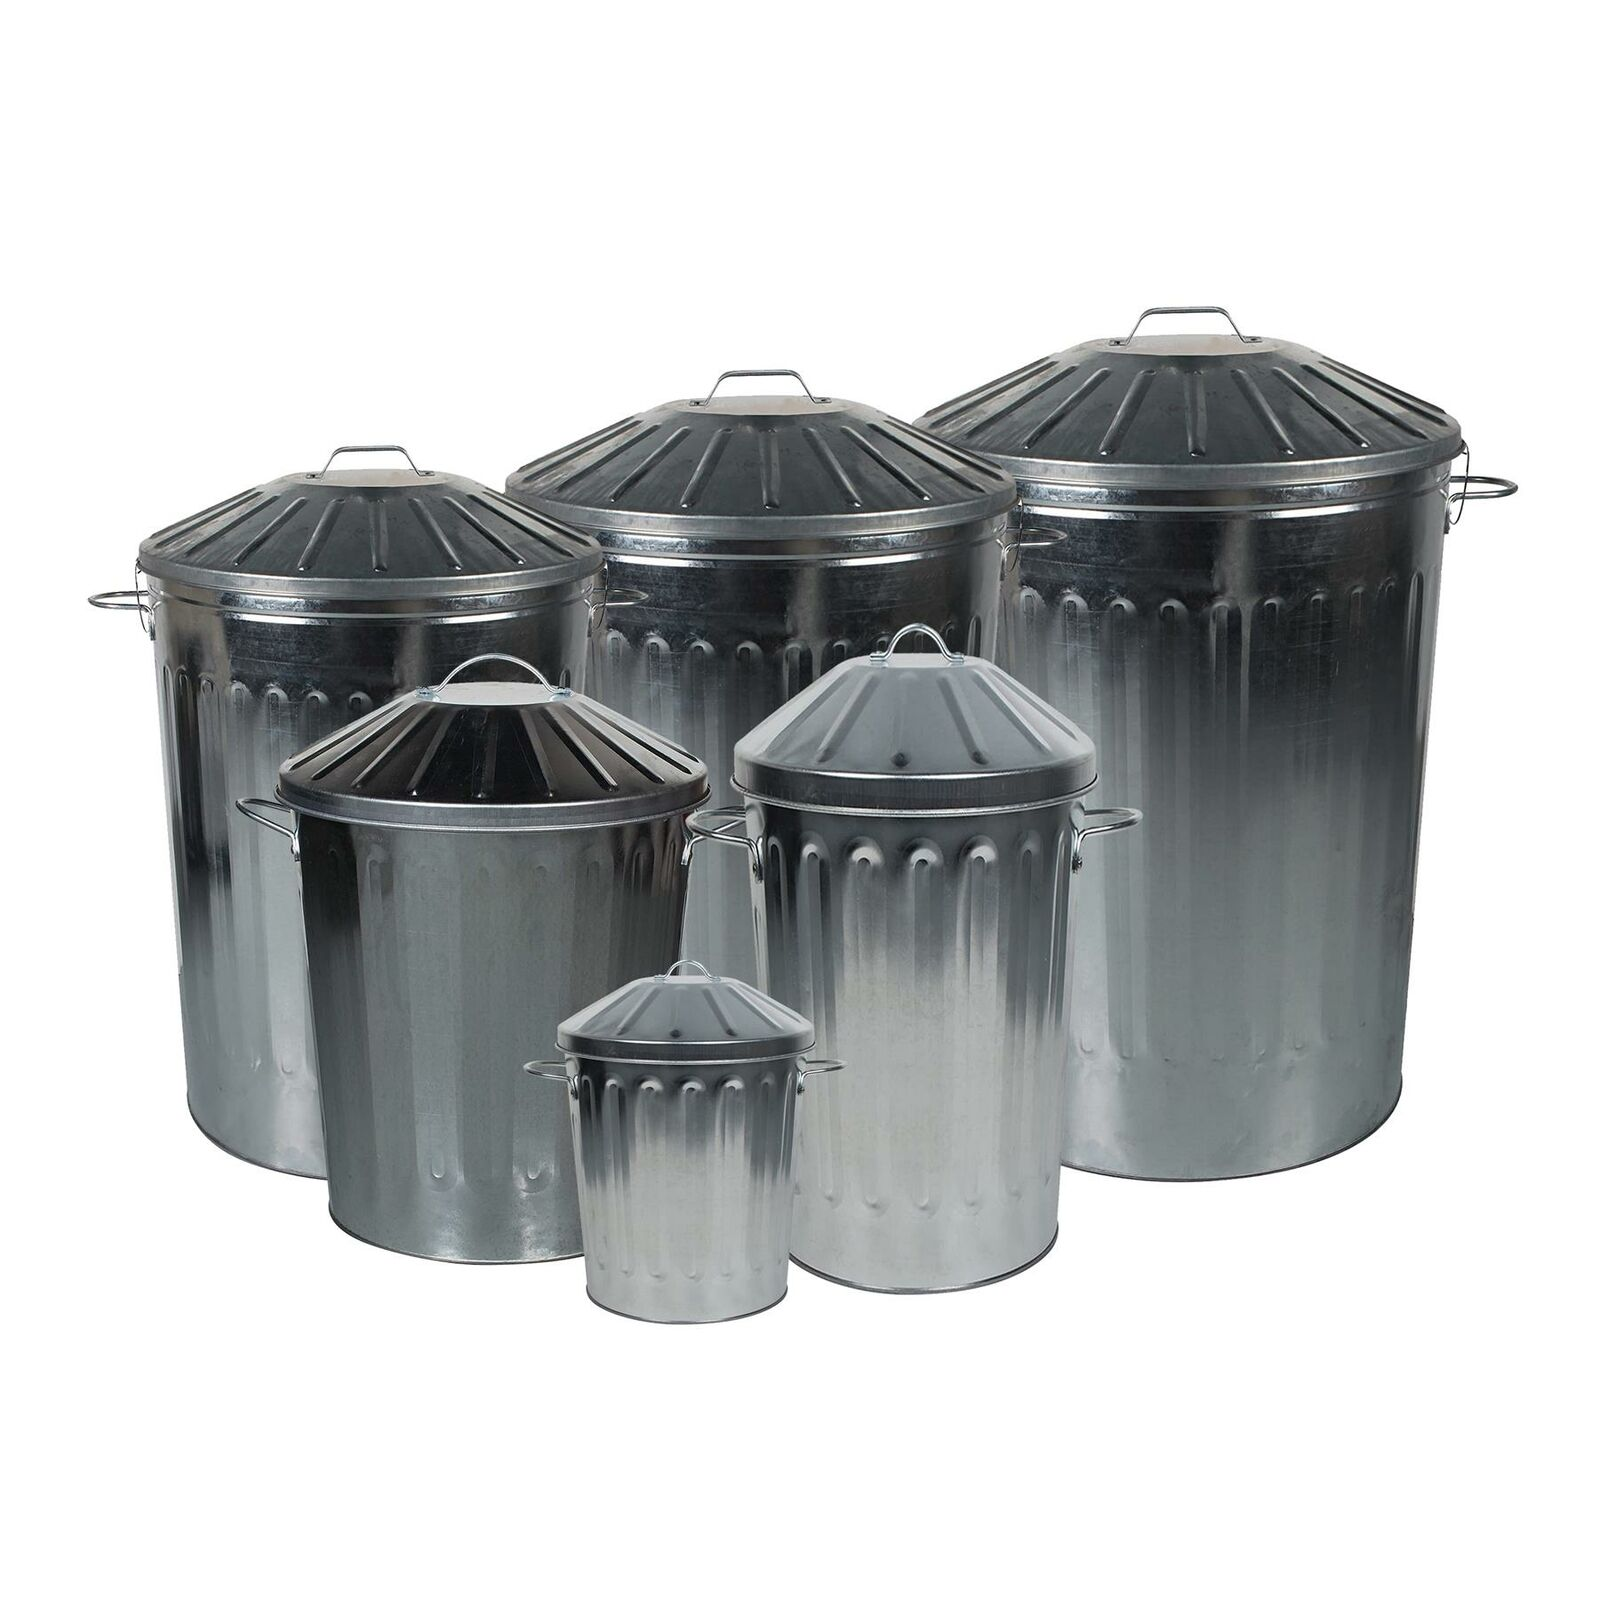 Galvanised Metal Bins & Lids - Choose from 15L, 18L, 40L, 60L, 90L & 125L Sizes.